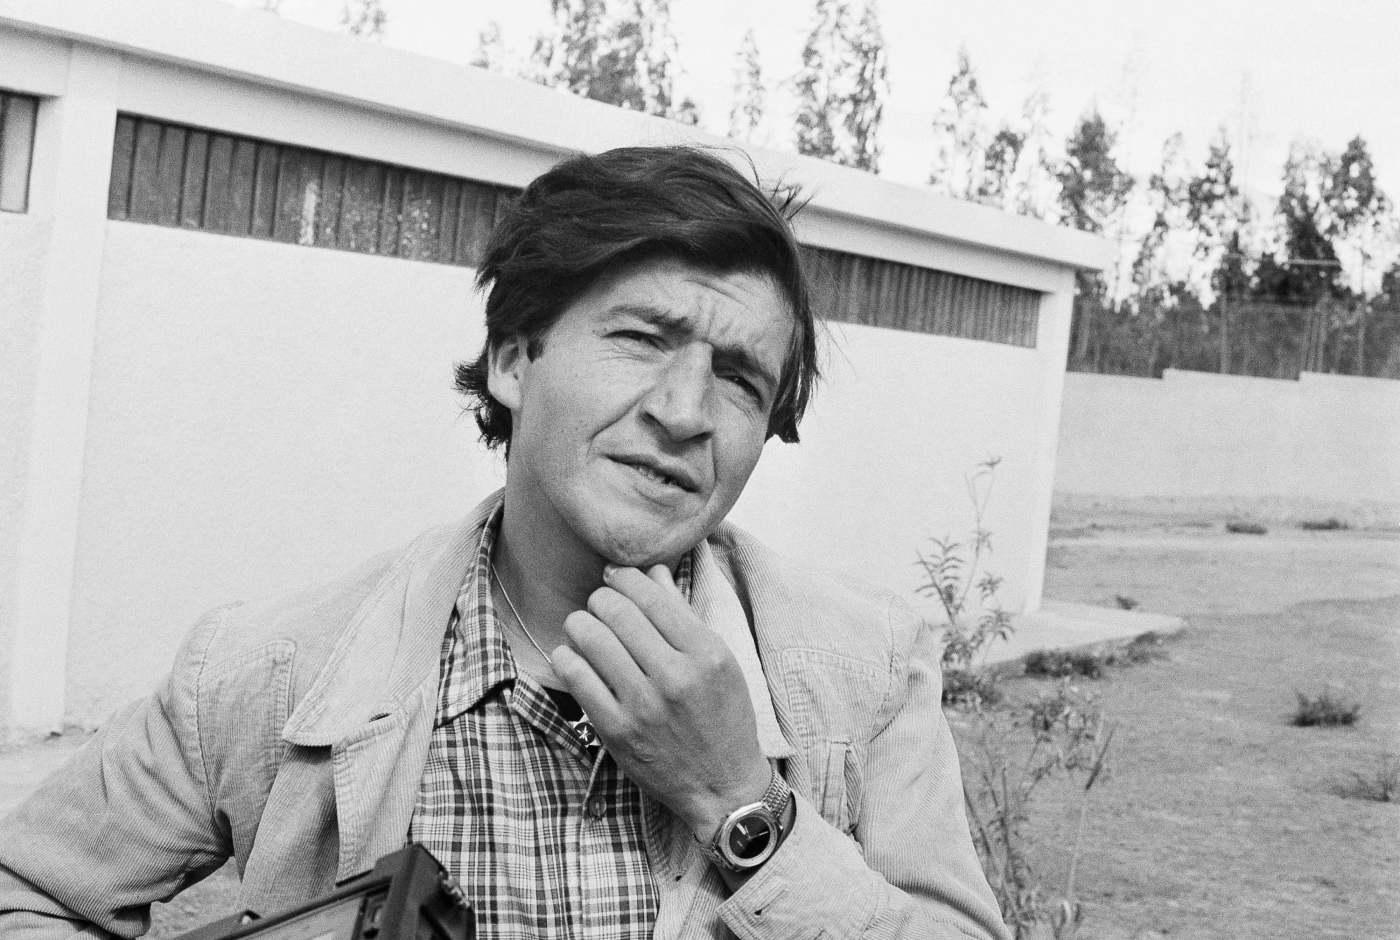 Pedro Alonso López, El monstruo de los Andes, Colombia, Perú, Ecuador, Asesinos en serie, AP Photo